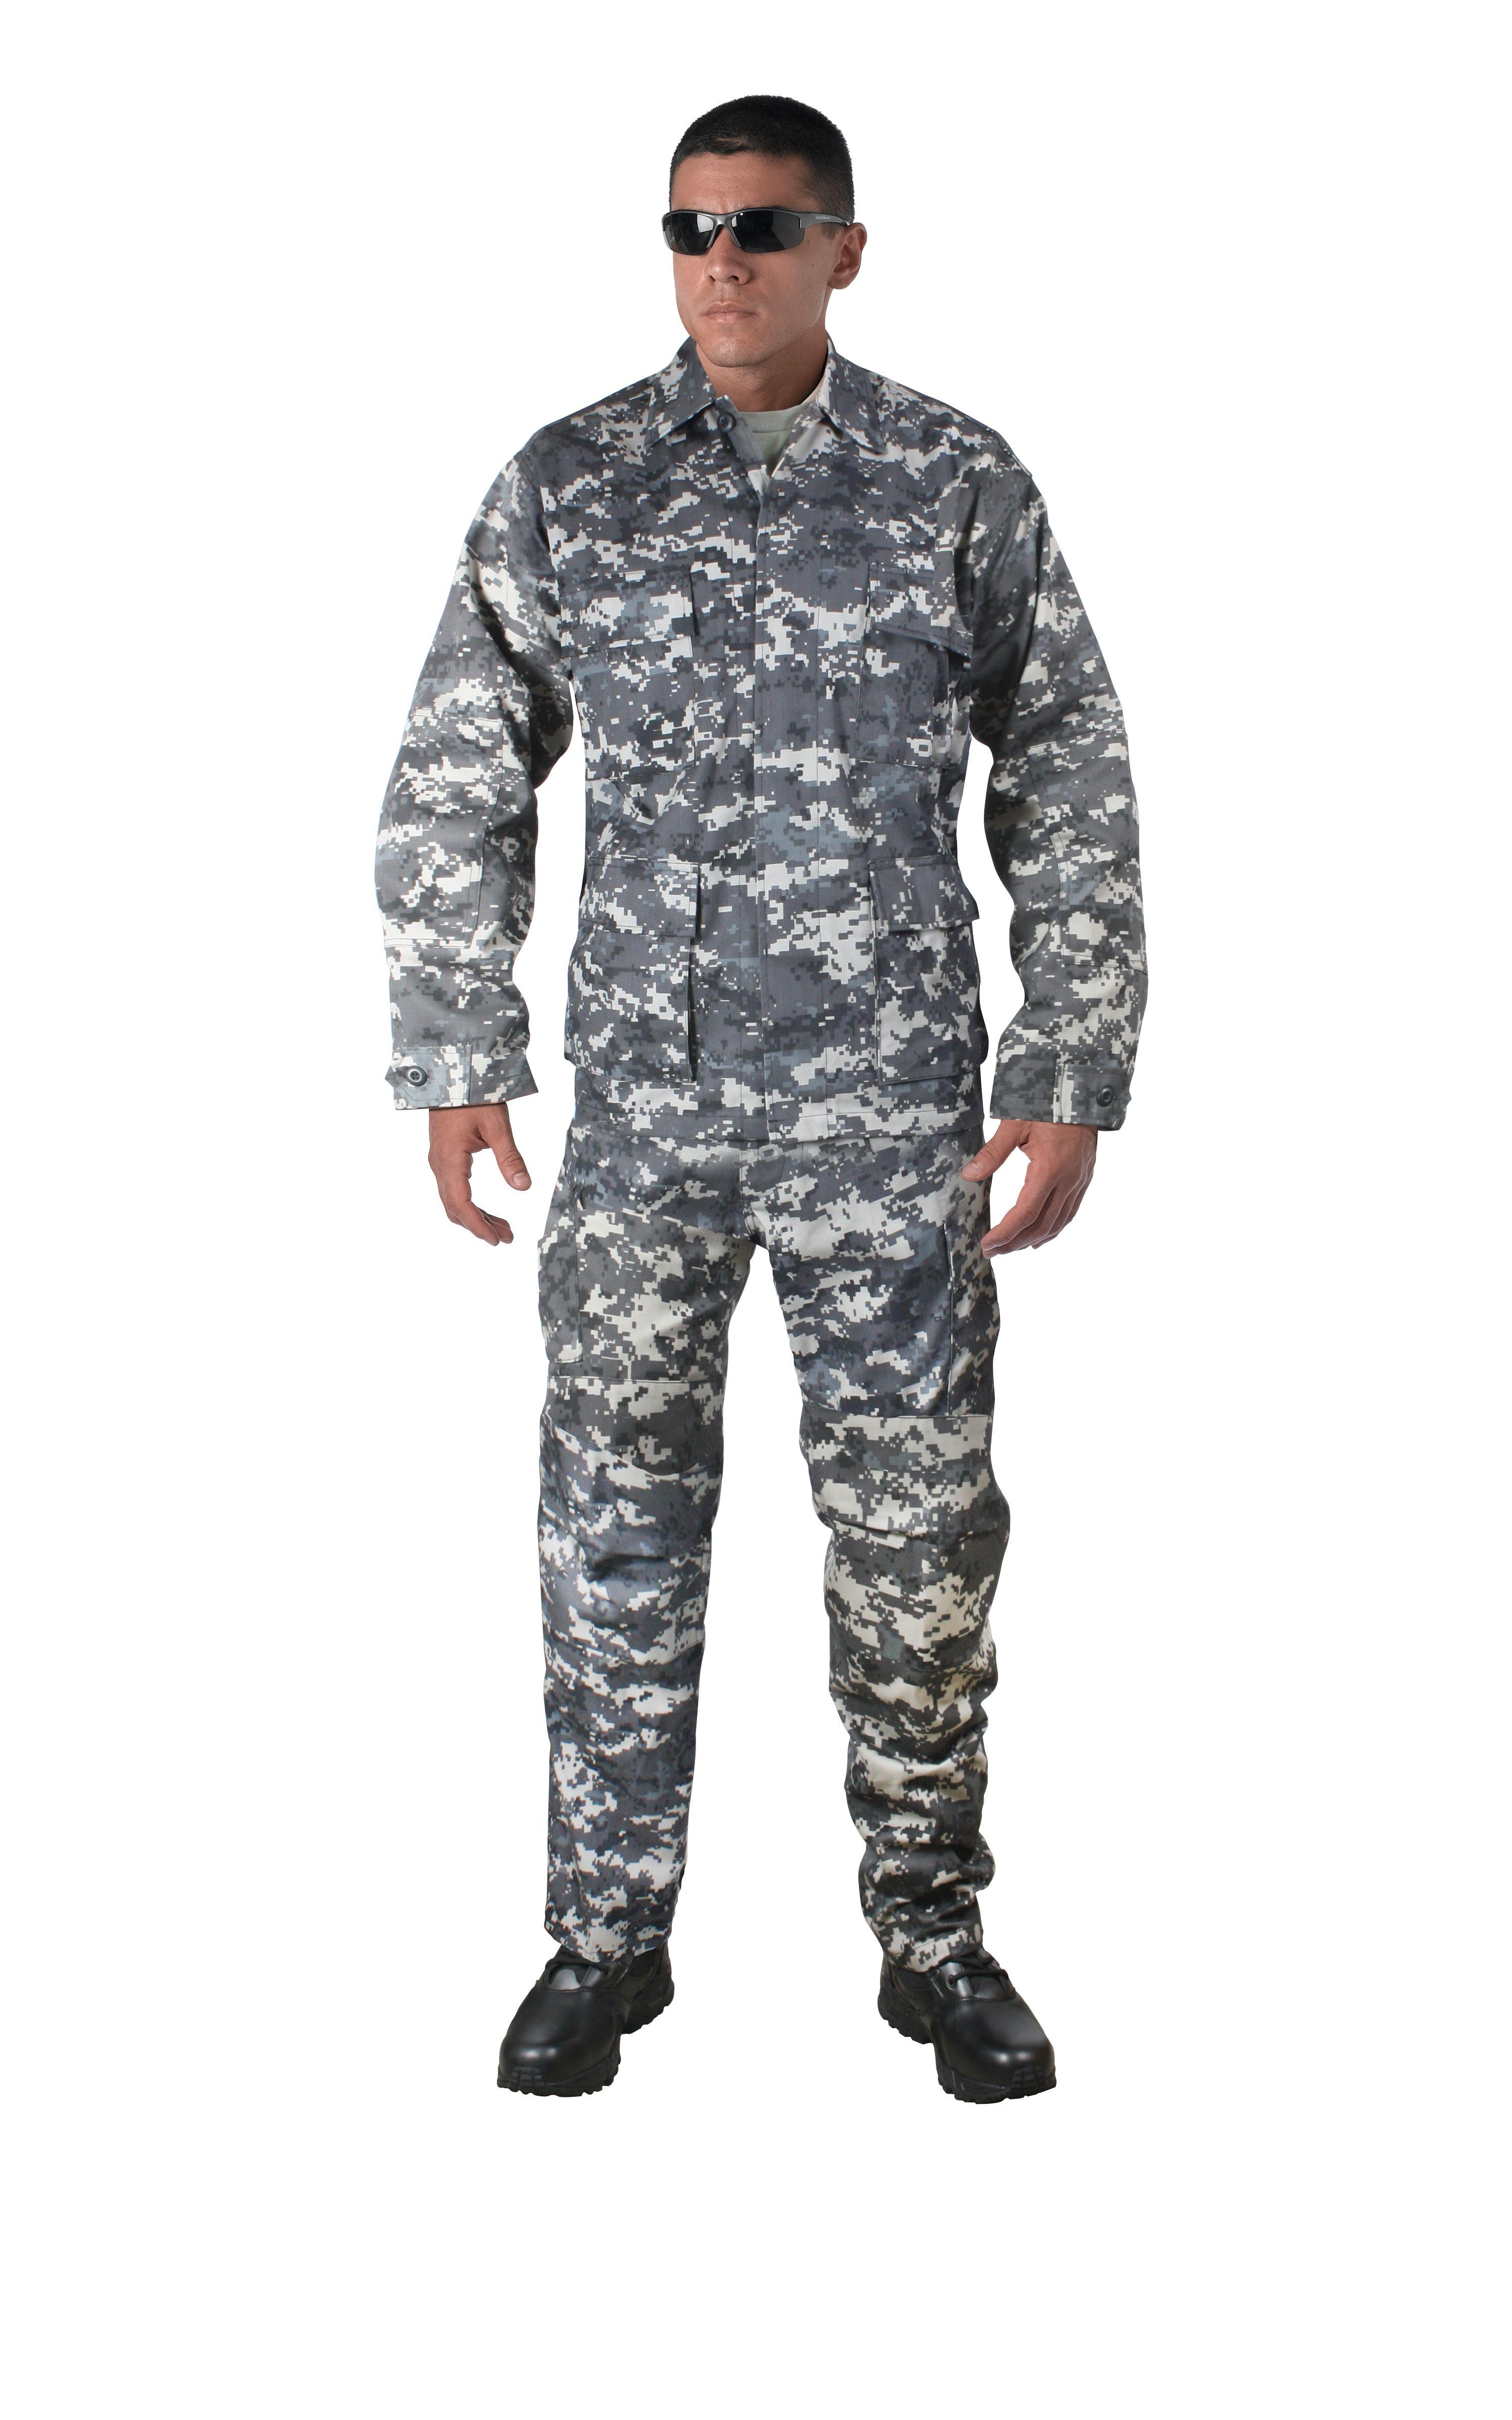 Army Digital Camo BDU Pants Military Fatigues Sky Blue Digital Camo